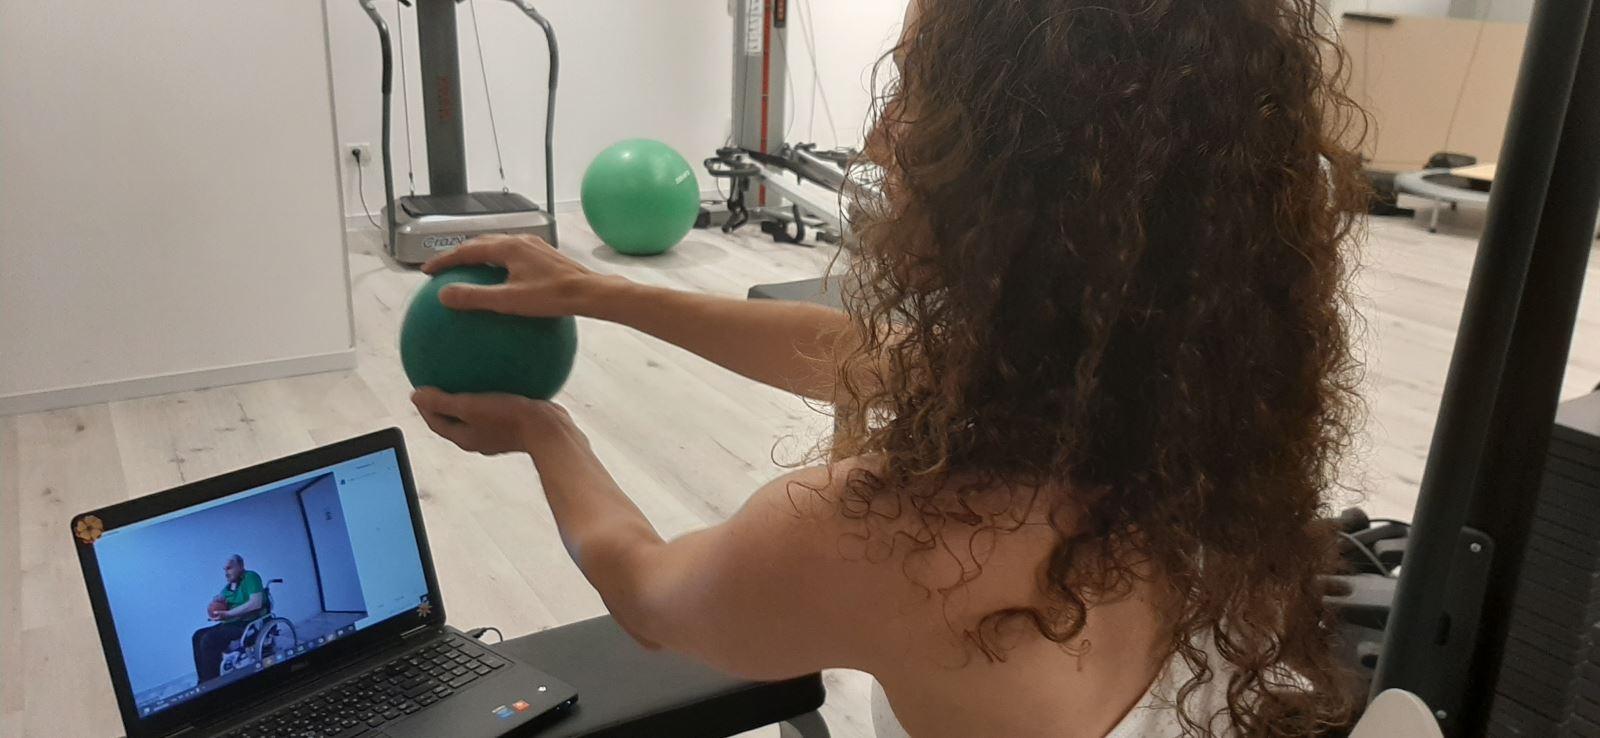 בית איזי שפירא מציע טיפולים שיקומיים מקוונים  למי שבימי הקורונה לא יכול להגיע ולהשיג טיפול מקצועי